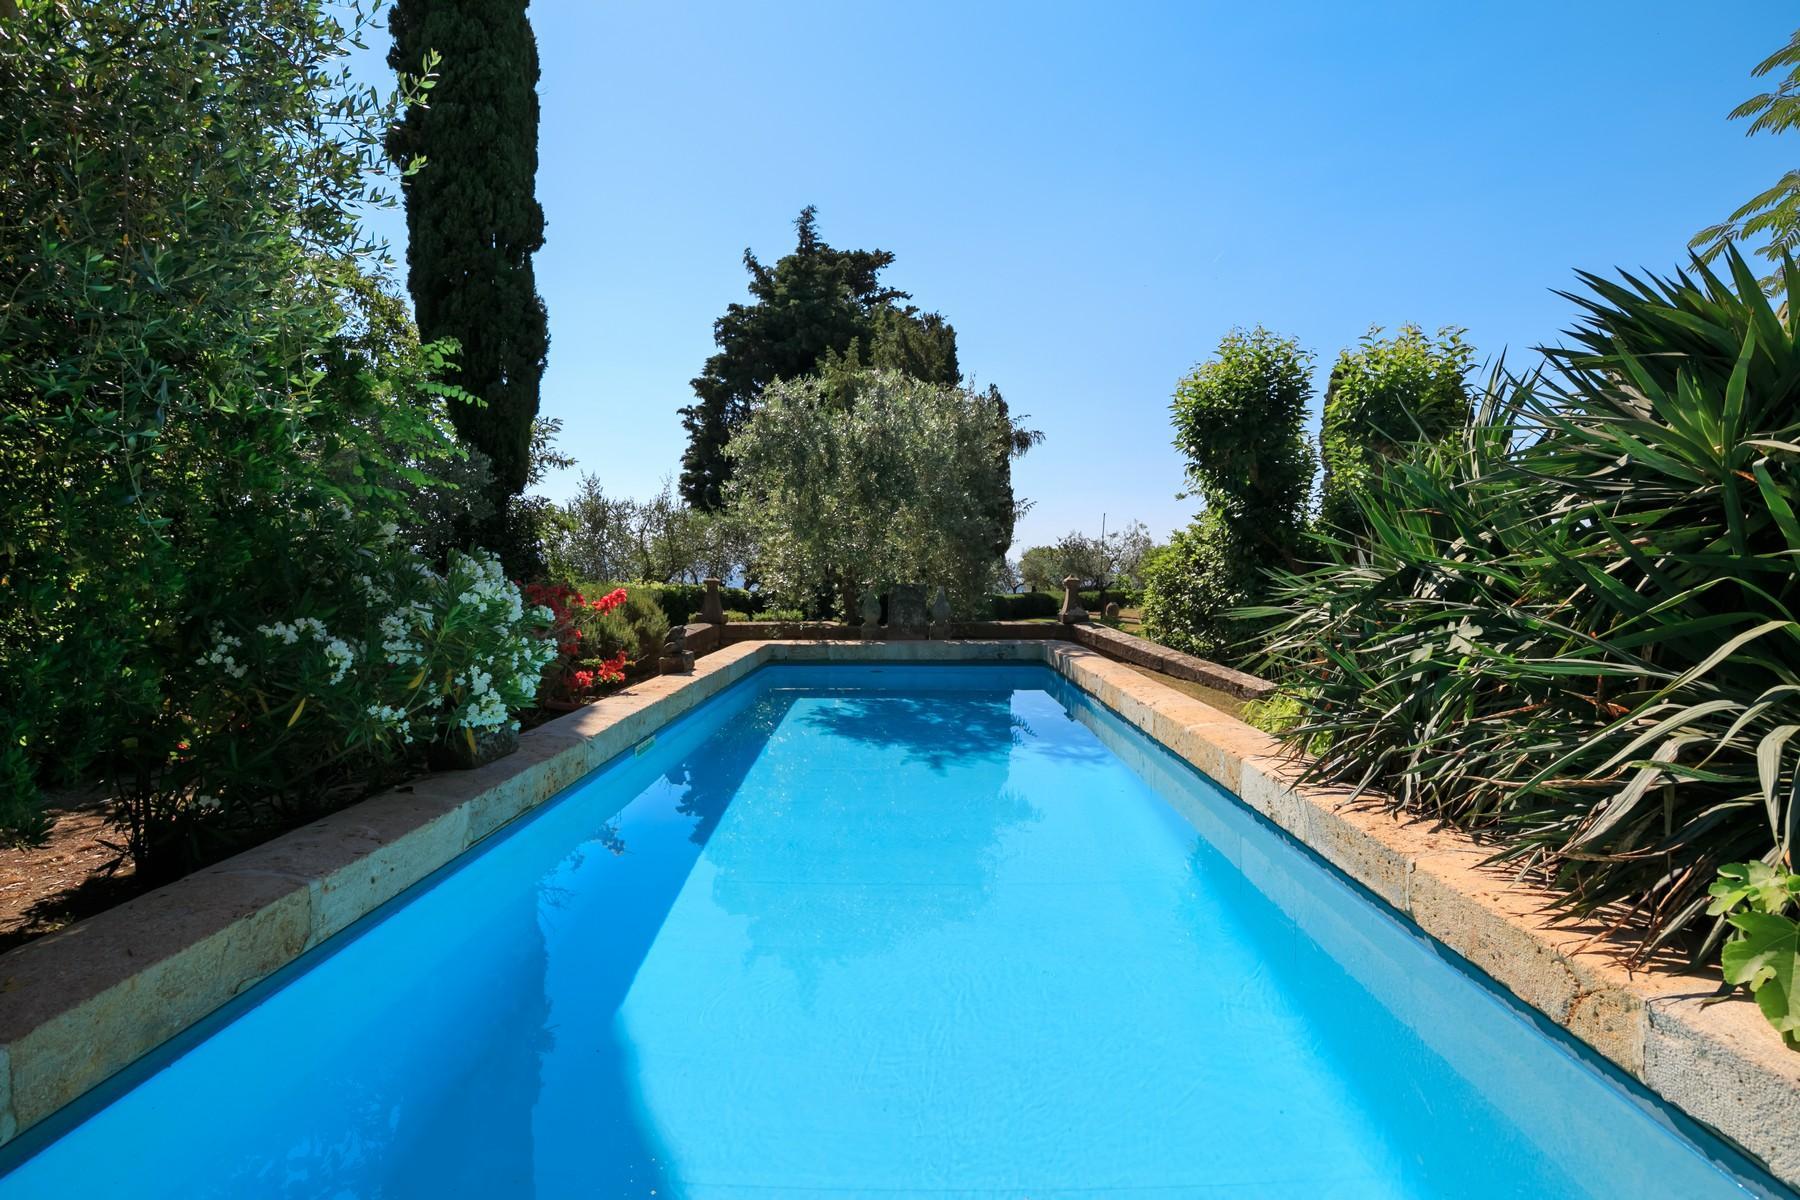 Rocca di Cetona, un'incantevole villa con viste mozzafiato dei paesaggi - 5